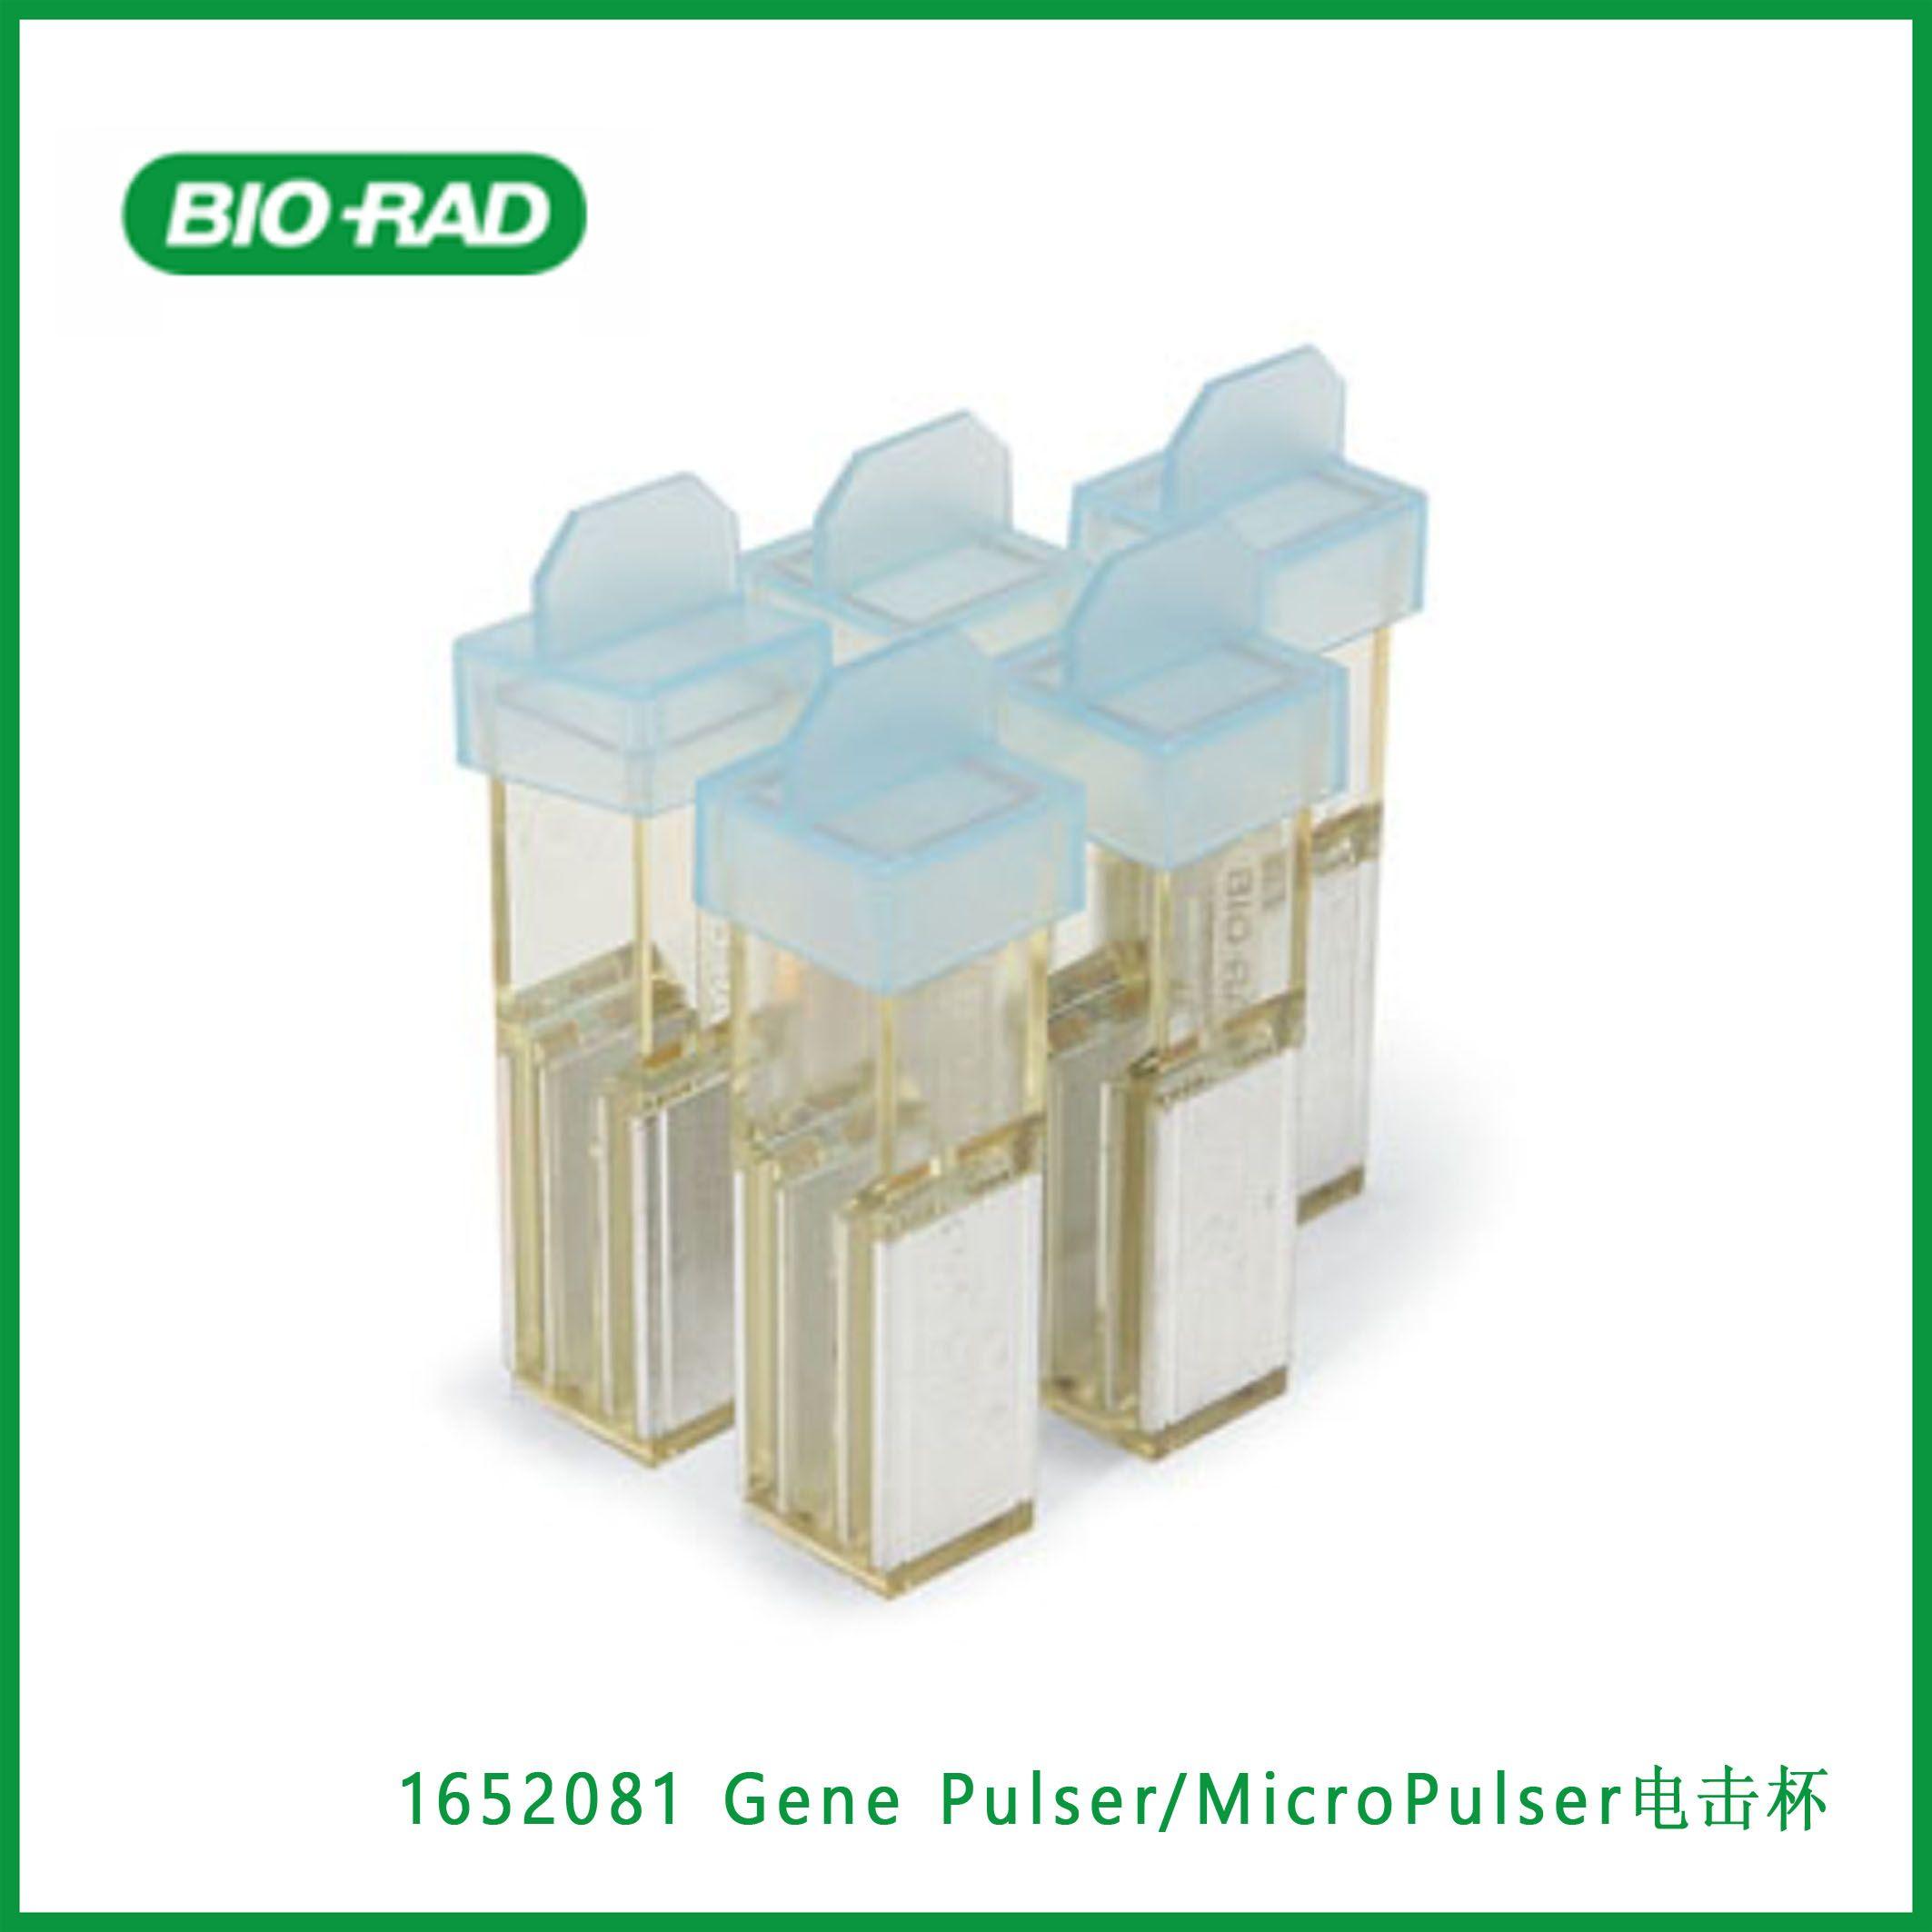 伯乐Bio-Rad1652081Gene Pulser/MicroPulser Electroporation Cuvettes, 0.4 cm gap,Gene Pulser/MicroPulser电击杯,现货